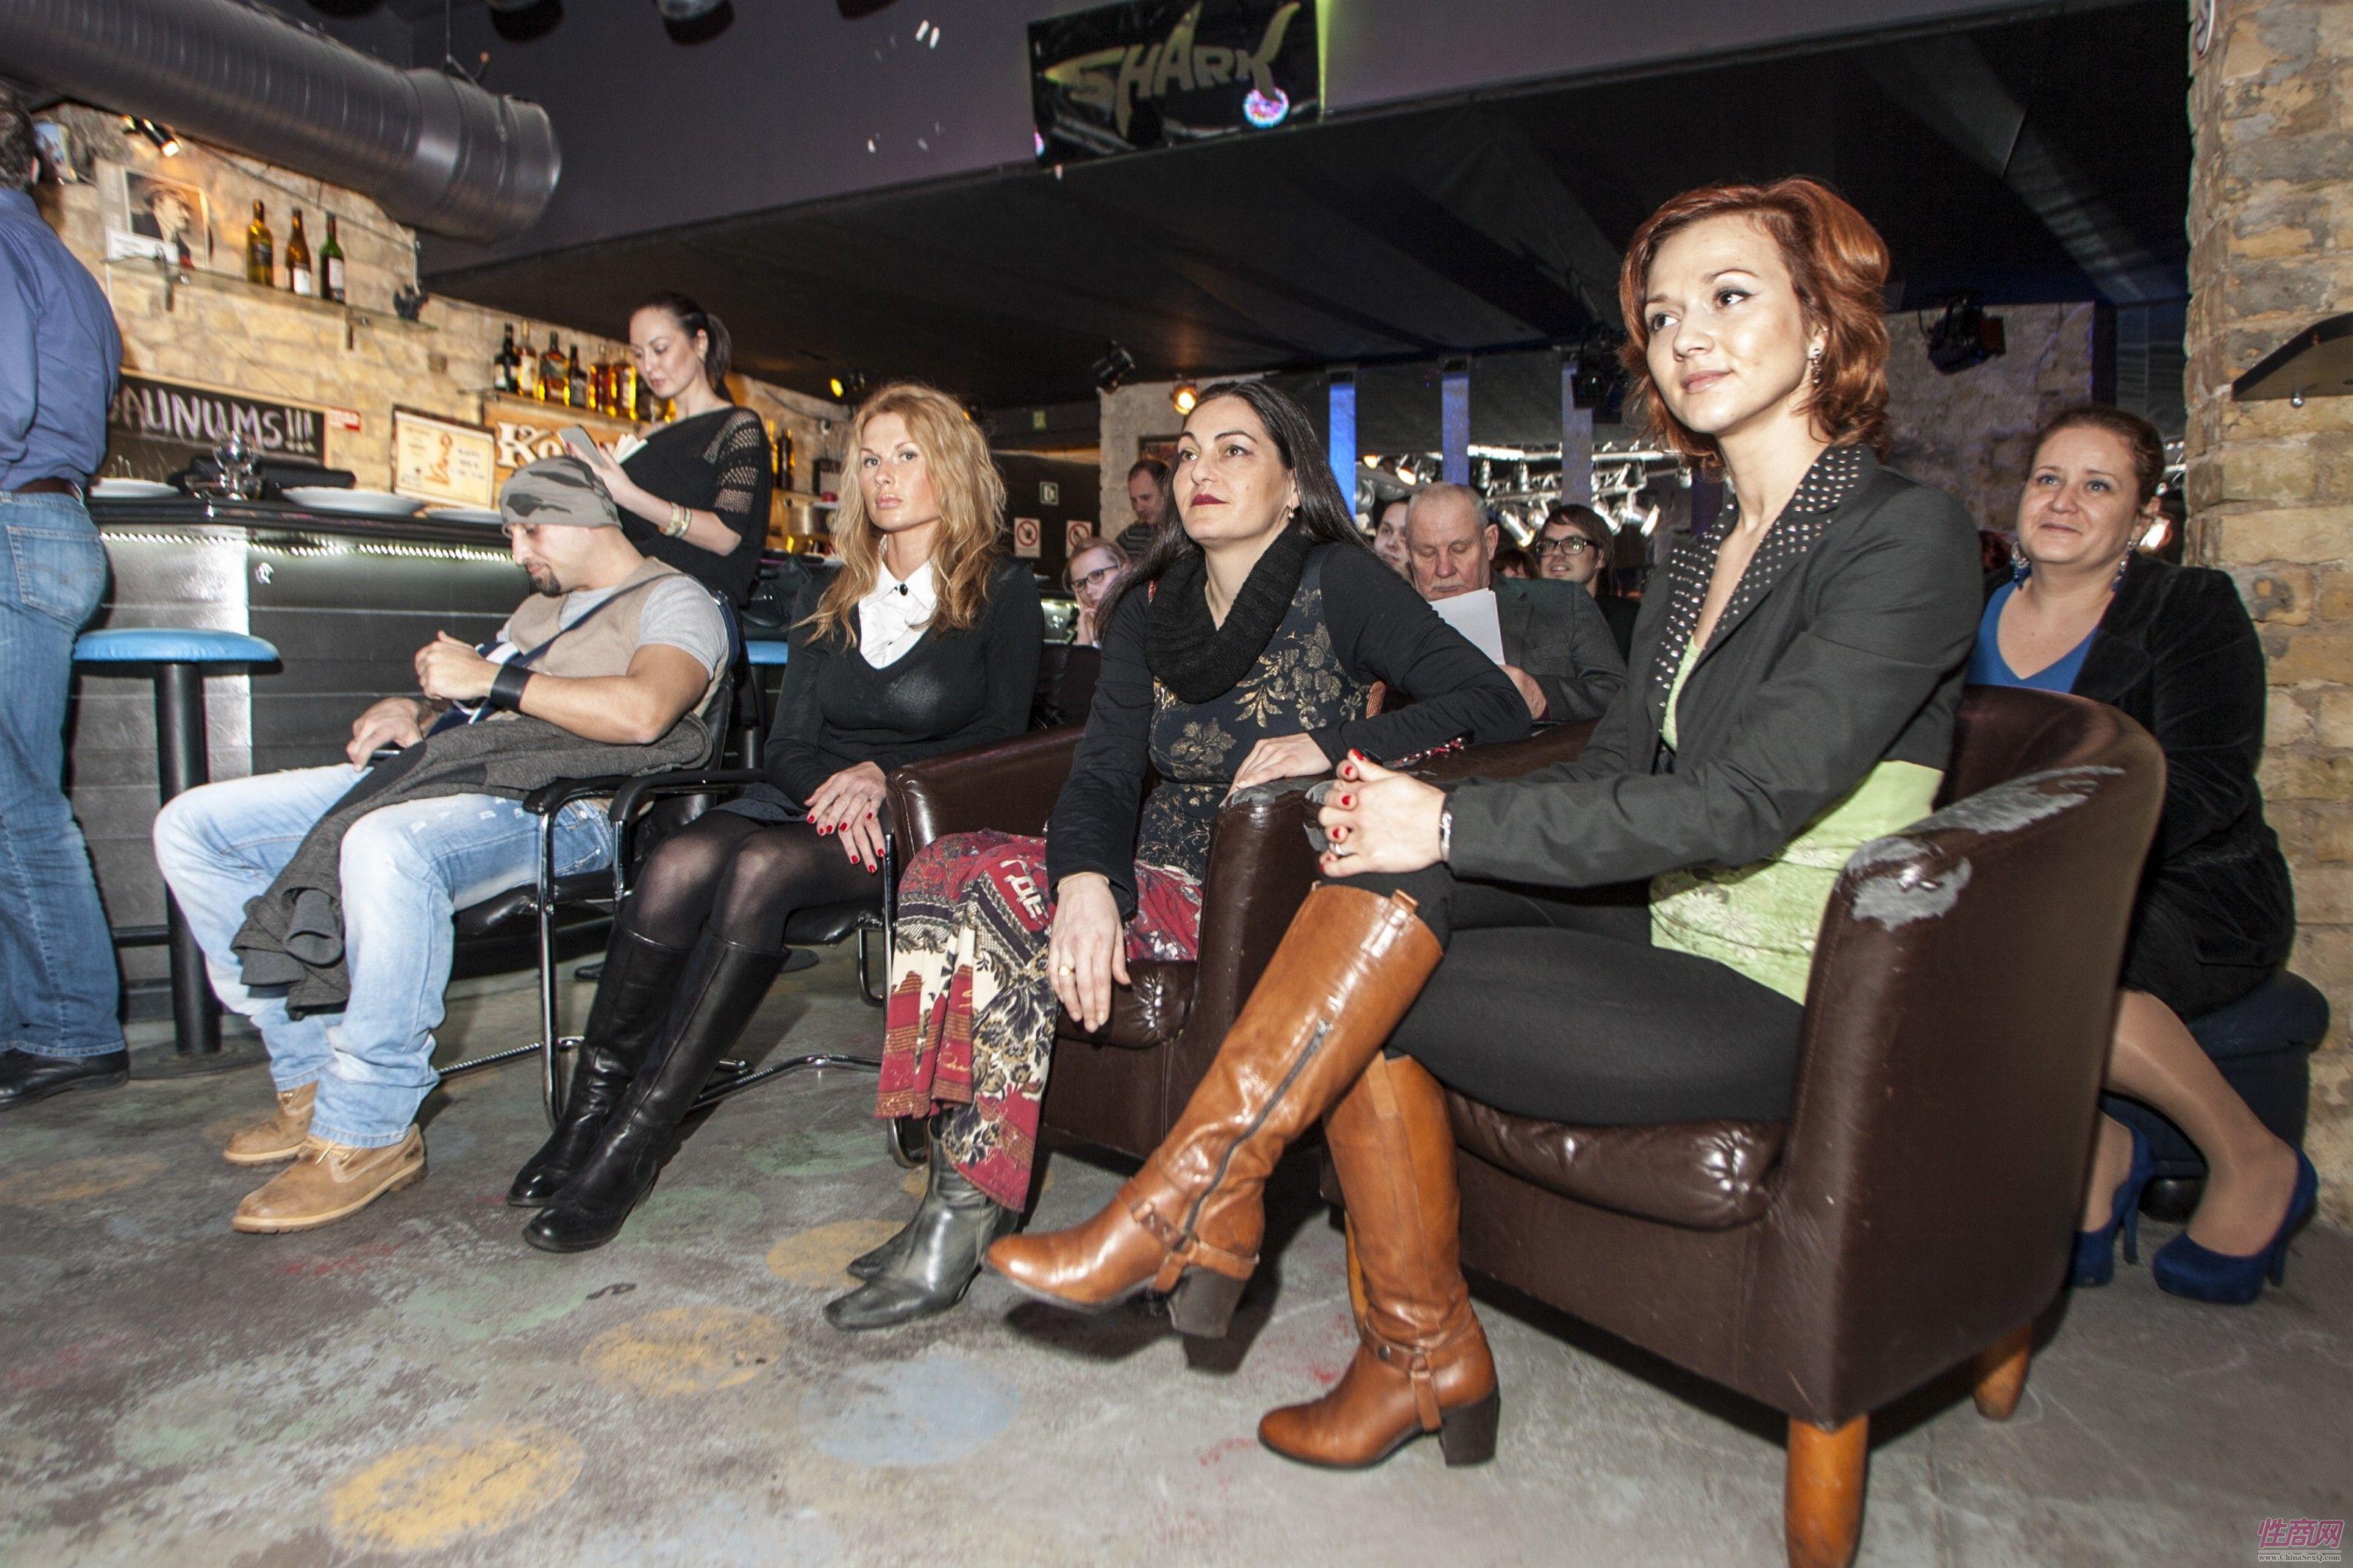 2014拉脱维亚成人展举办沙龙主讲情趣口爱图片1